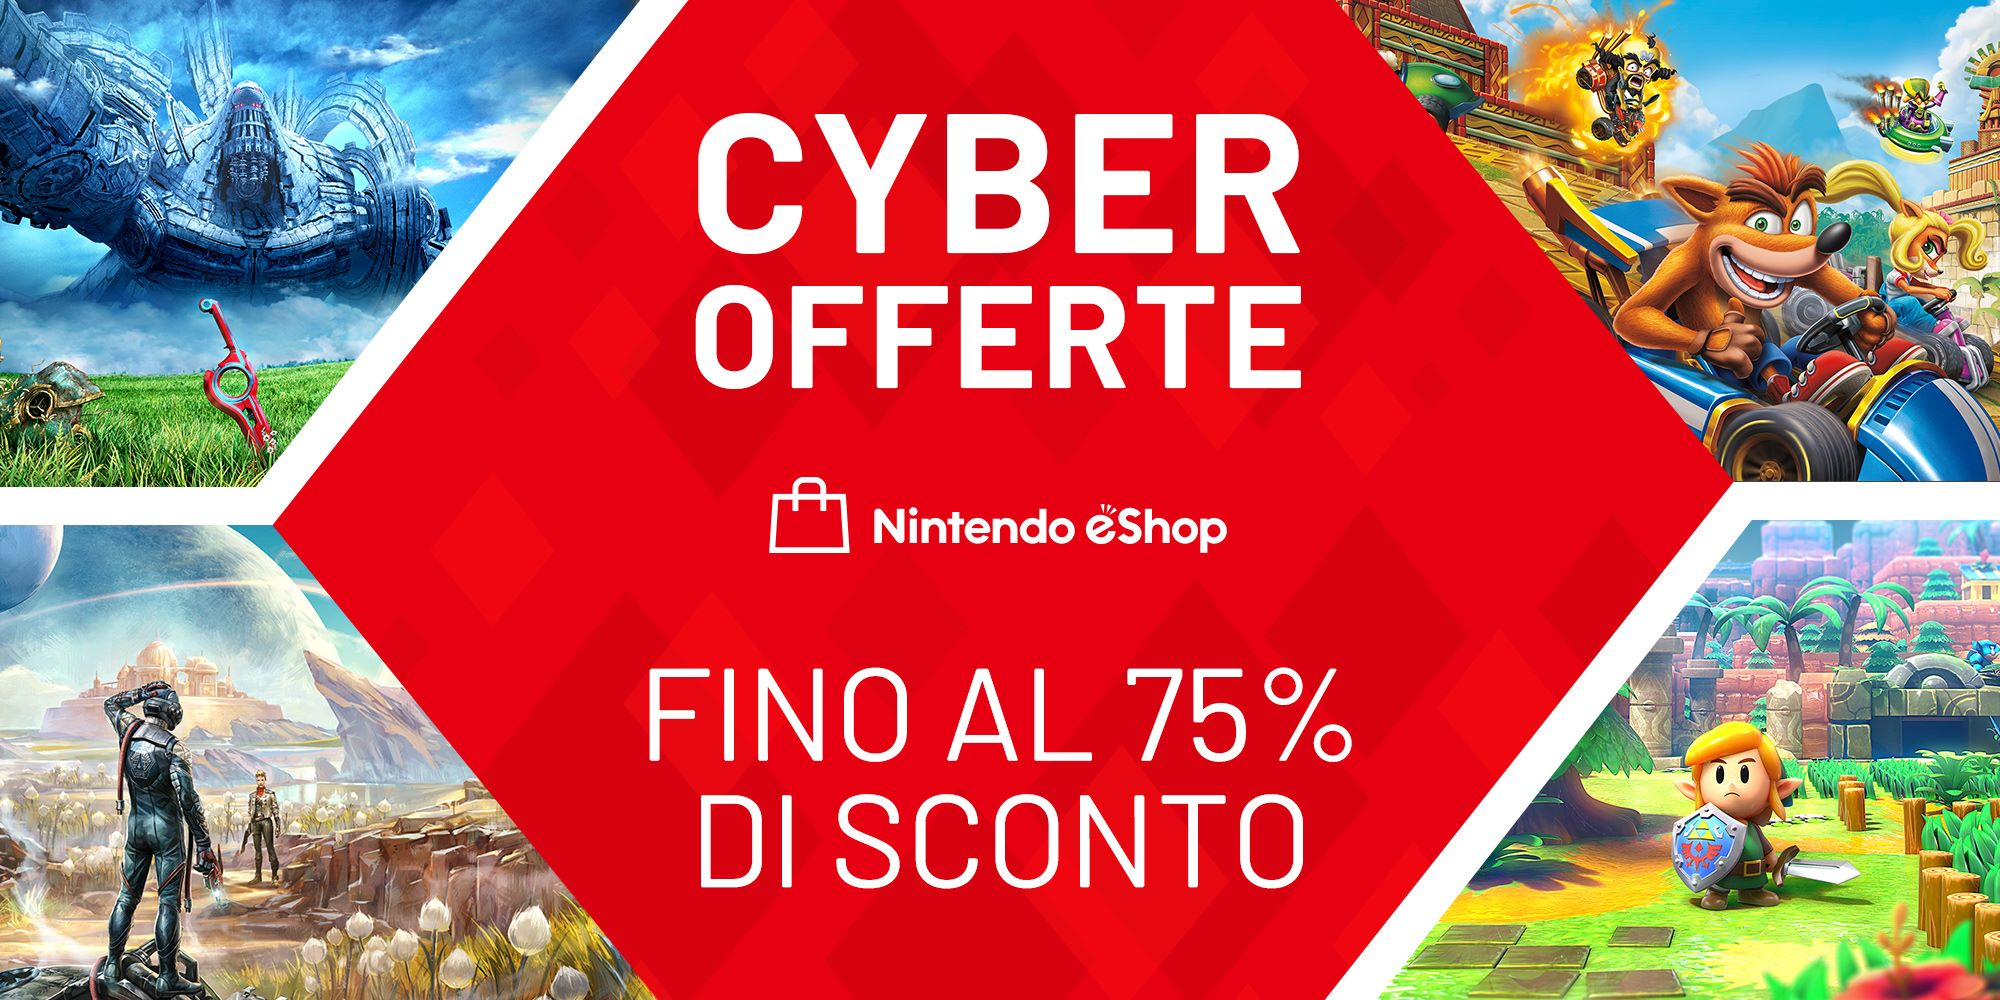 Nintendo eShop, iniziati i saldi del Black Friday con Cyber Offerte: ecco alcuni giochi Switch in offerta